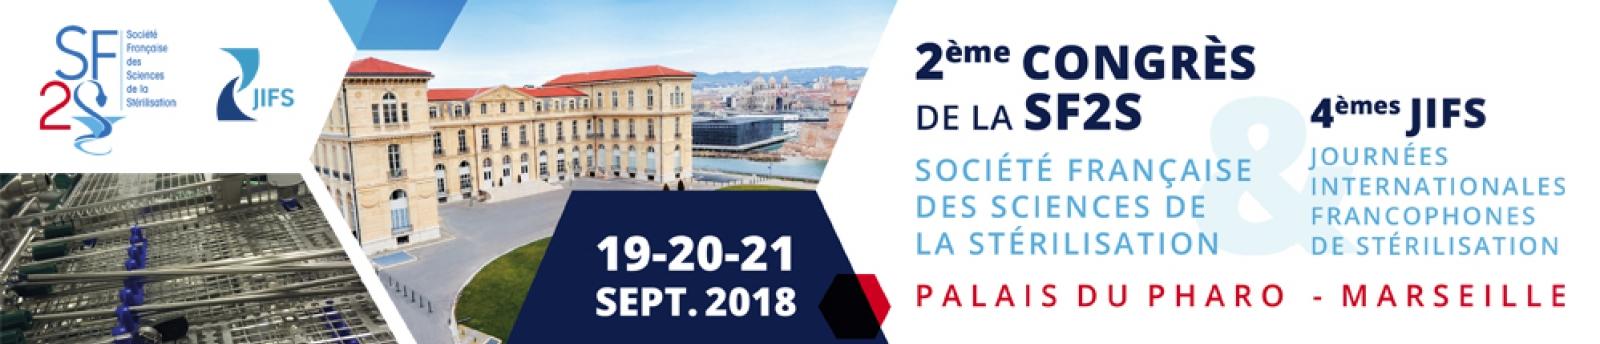 Congrès 2018 SF2S